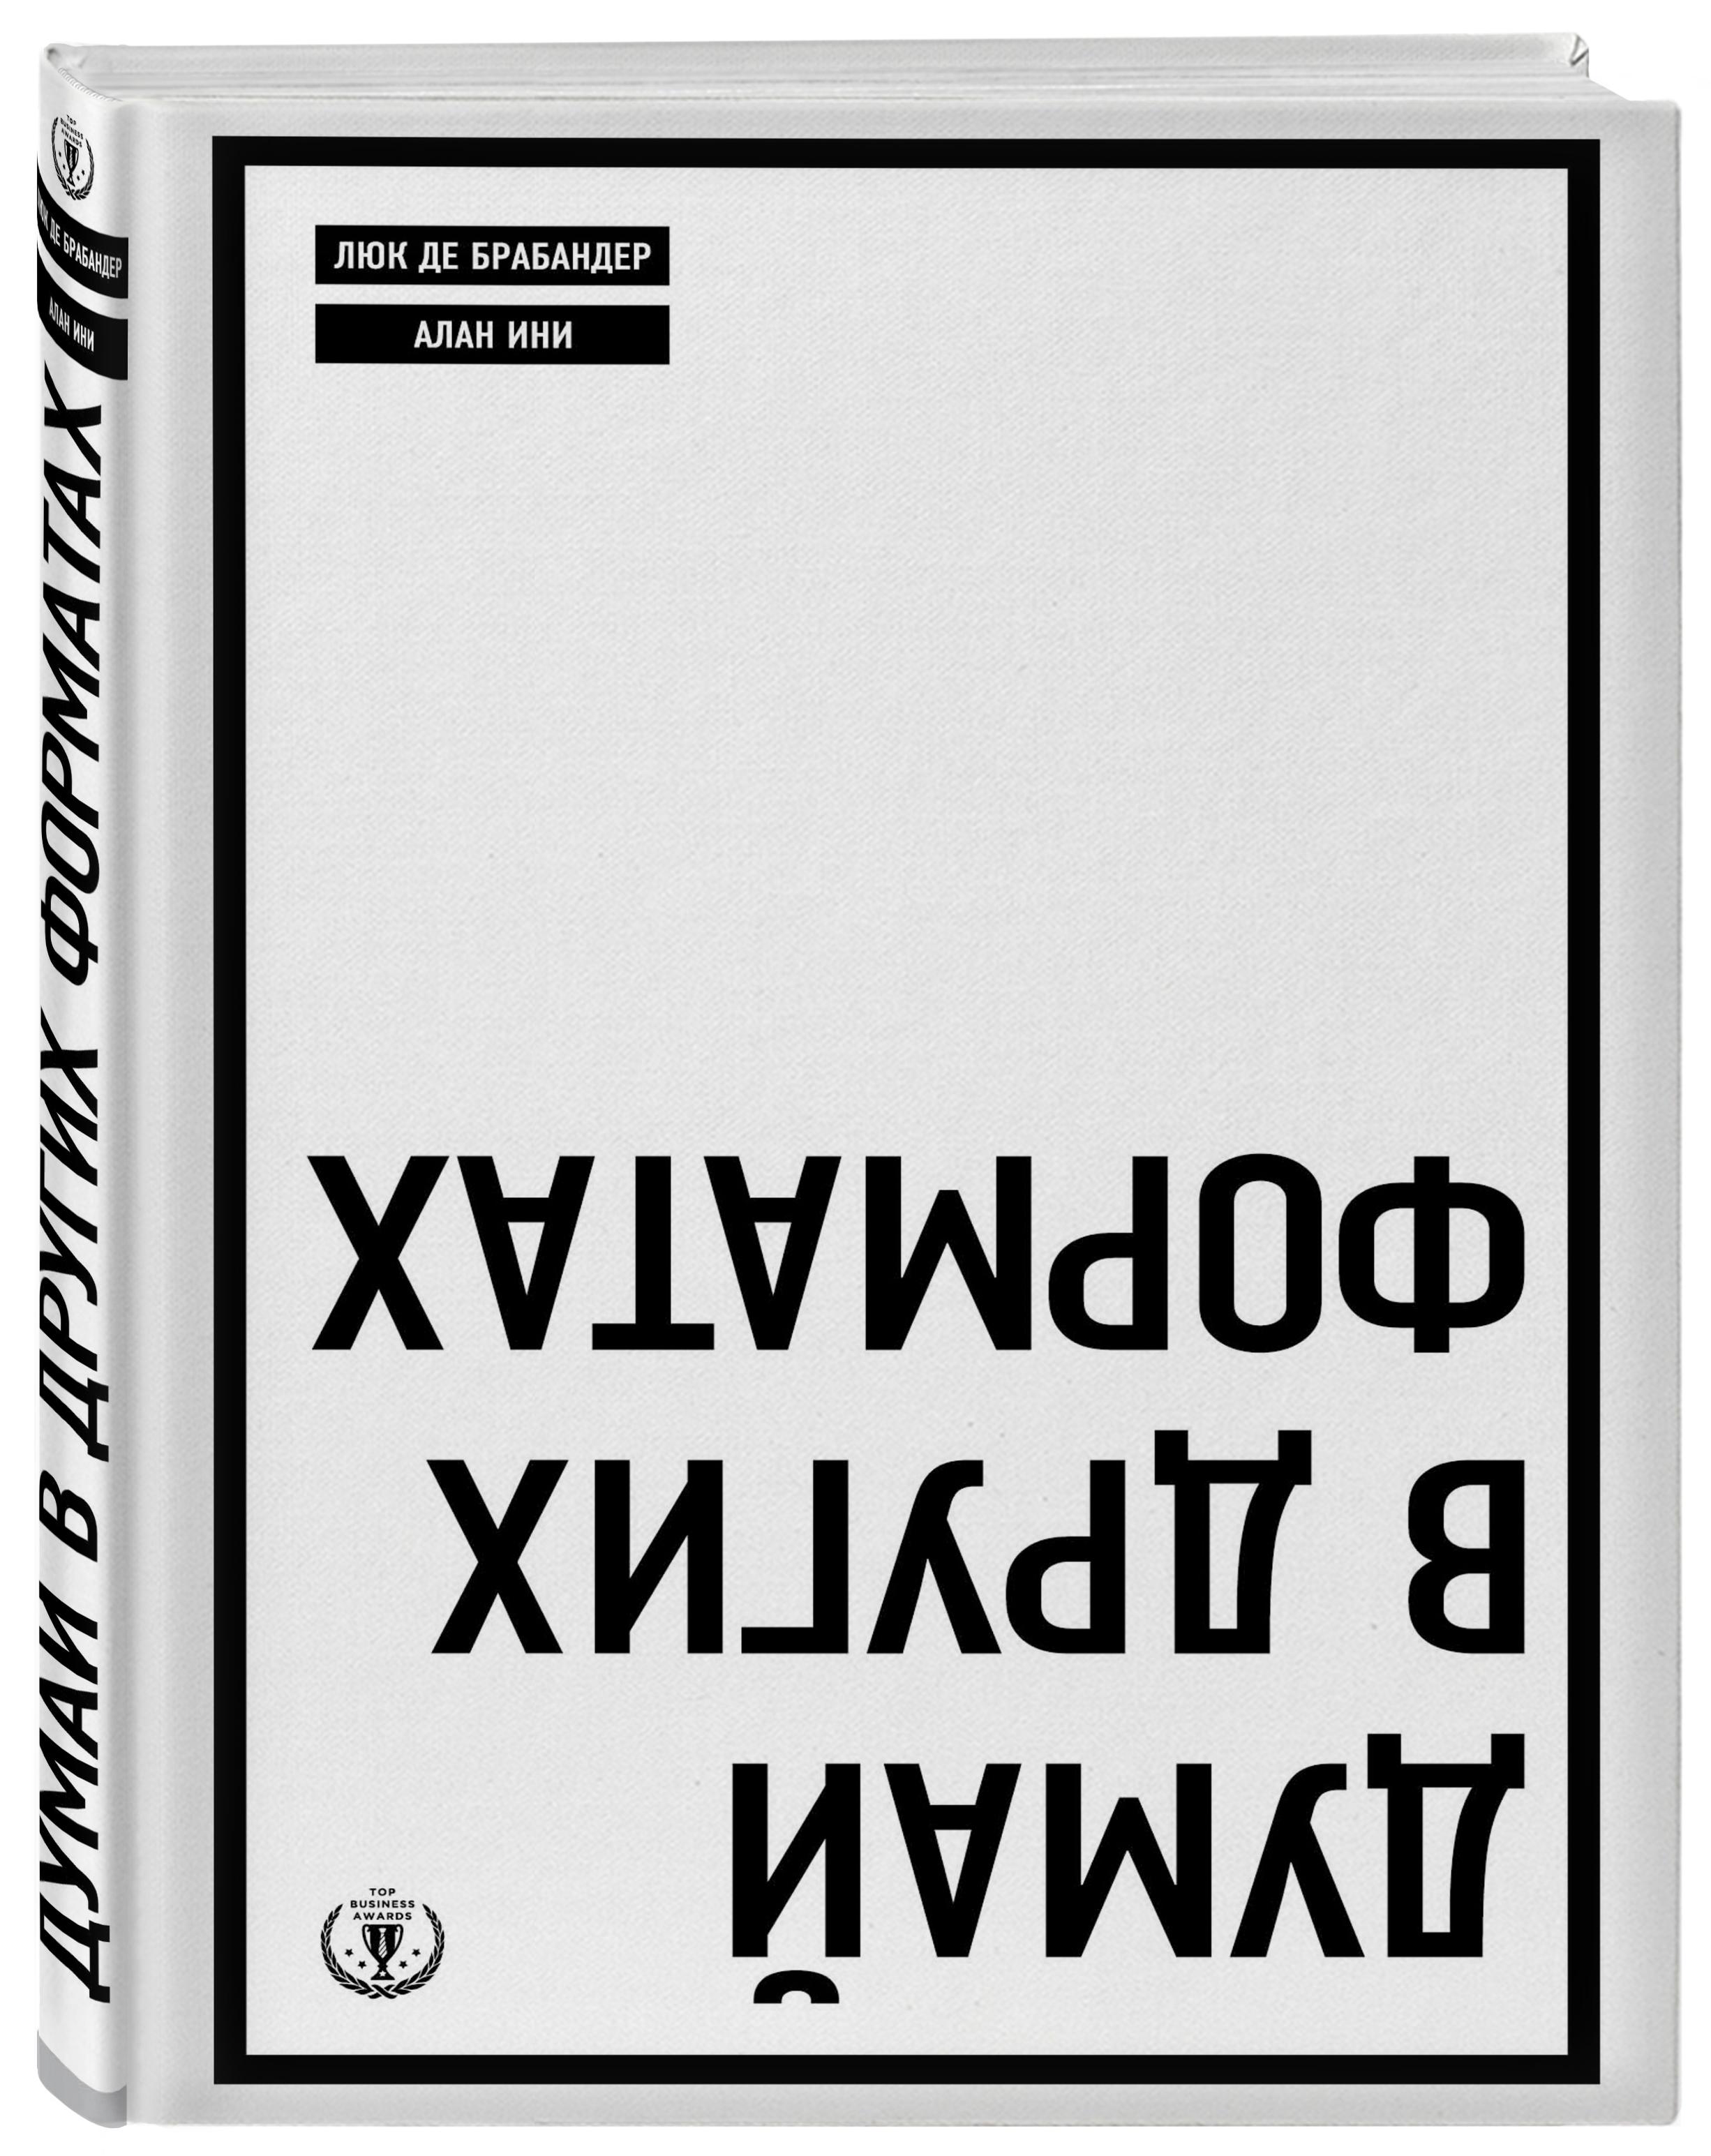 де Брабандер Л., Ини А. Думай в других форматах ISBN: 978-5-699-71985-3 война упущенных возможностей